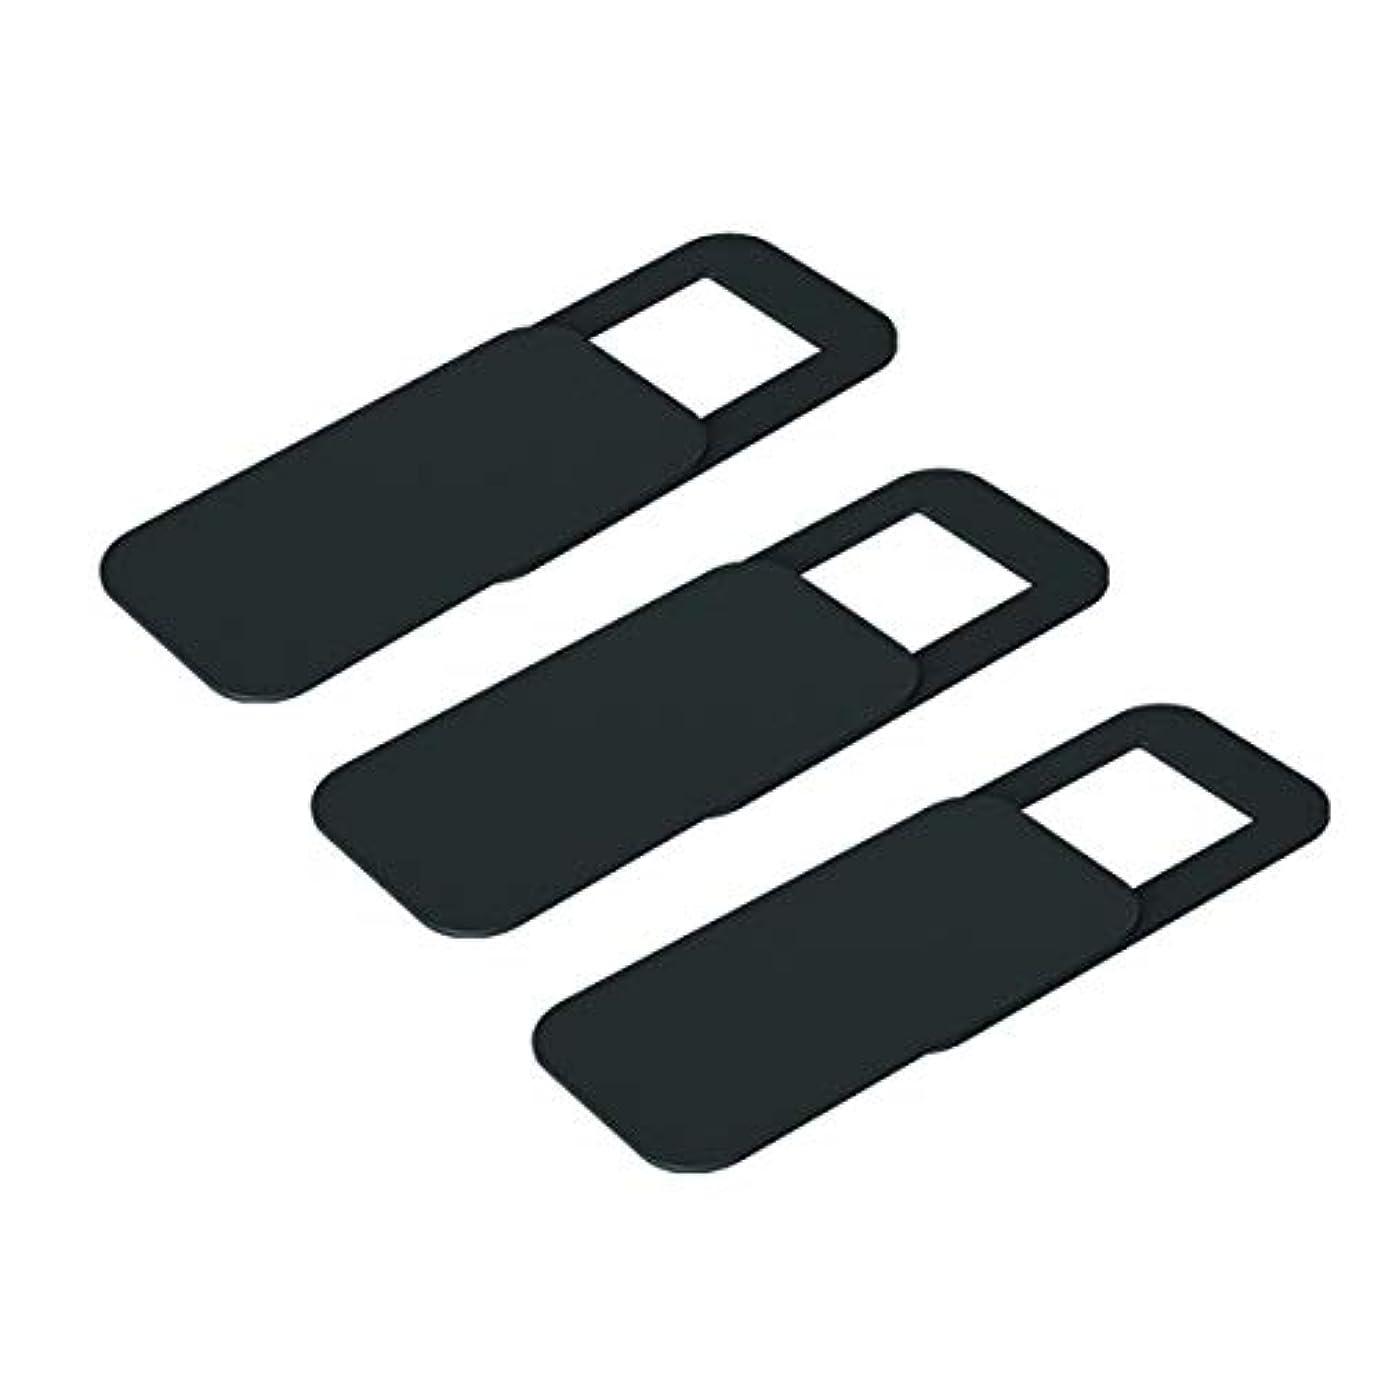 トリッキー添付乱すT10 3PCS長方形プラスチックウェブカメラカバー超薄型プライバシープロテクターカメラのシャッターステッカー電話タブレットノートブックデスクトップ